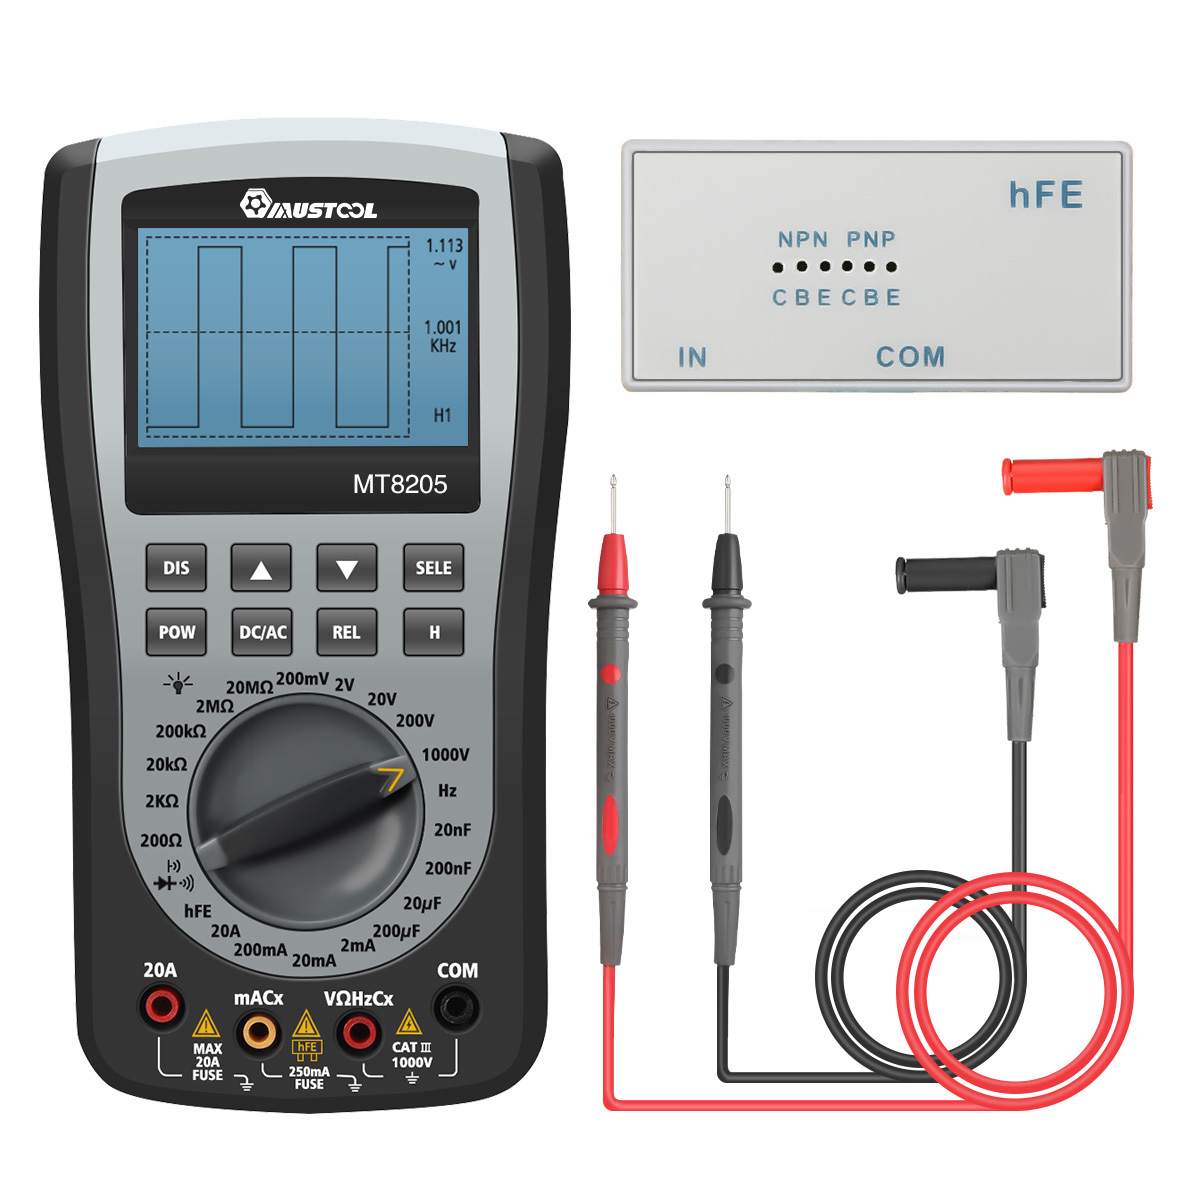 MUSTOOL MT8205 2 em 1 Intelligent Handheld Osciloscópio De Armazenagem Digital Multímetro AC/DC Tensão Corrente Resistência Diode Tester